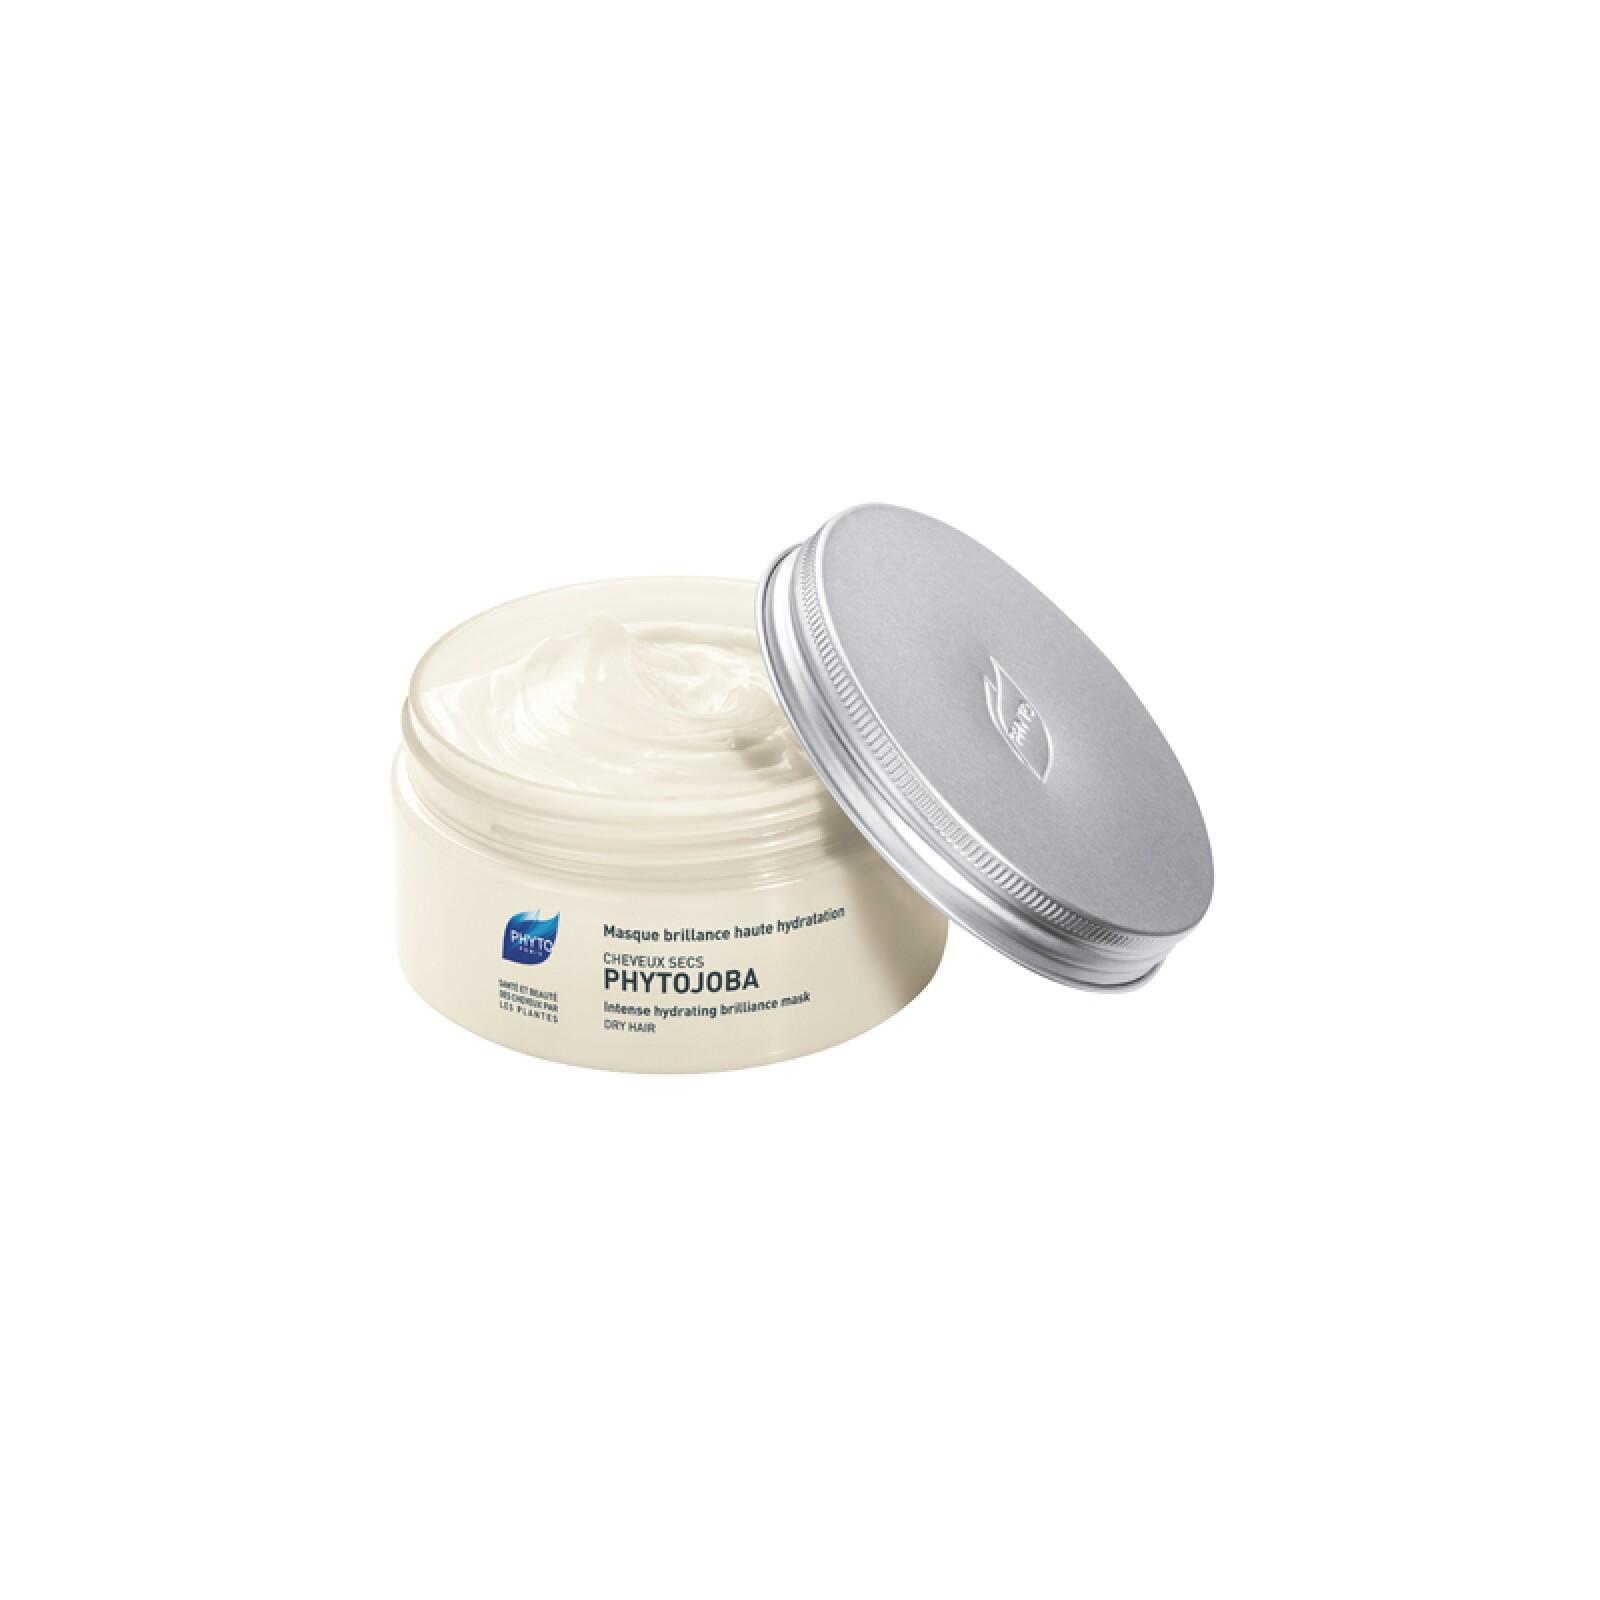 productos-maquillaje-skincare-belleza-beauty-rutina-phyto